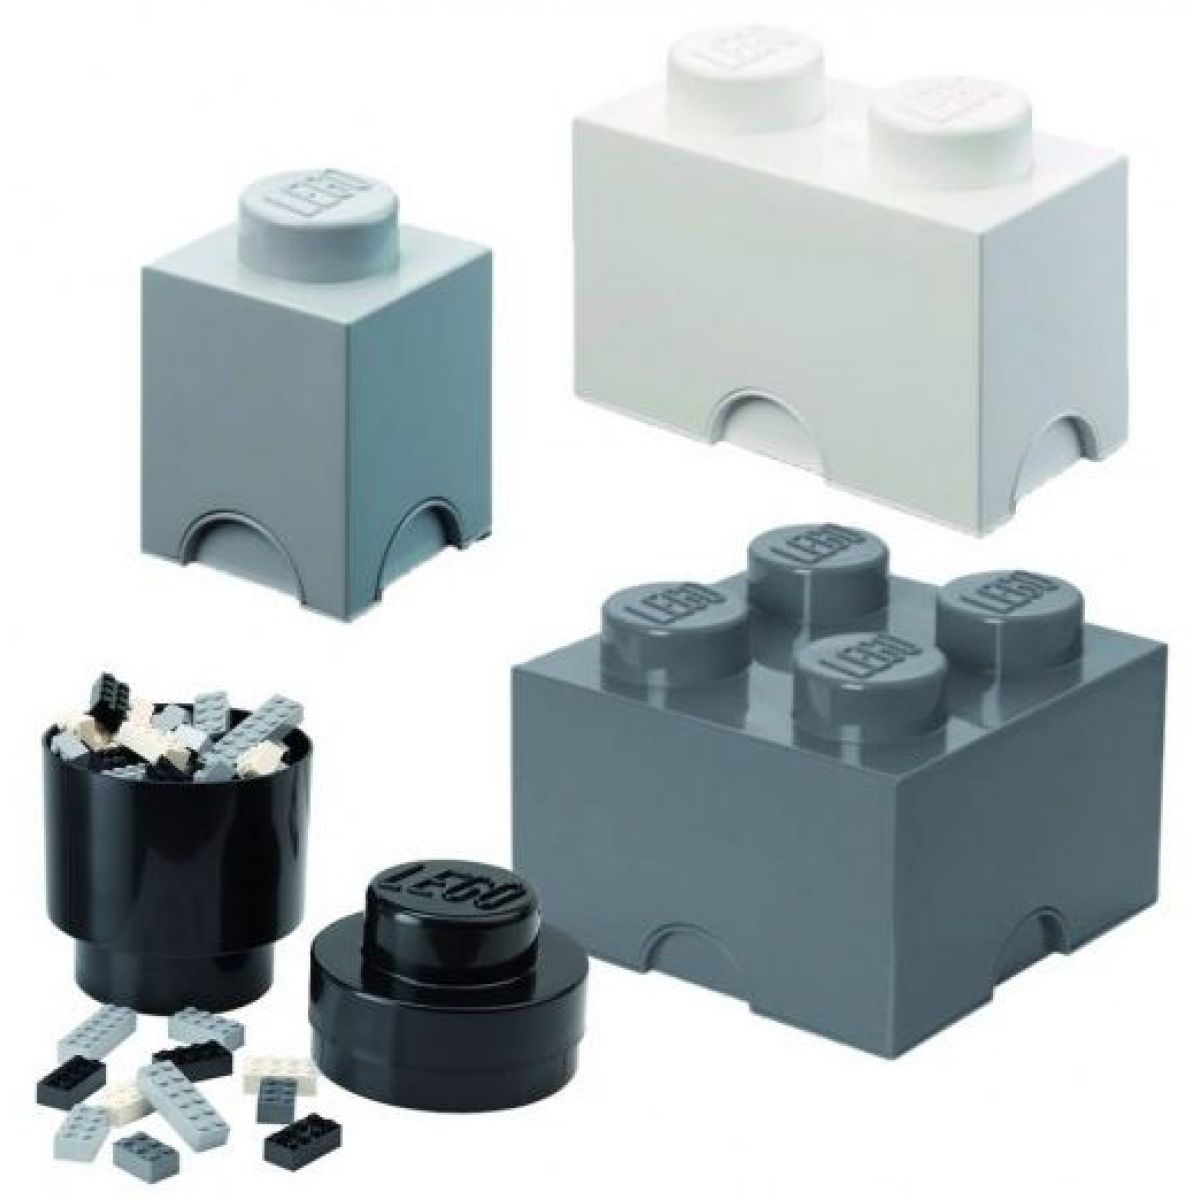 LEGO úložné boxy Multi-Pack 4 ks čierna, biela, šedá